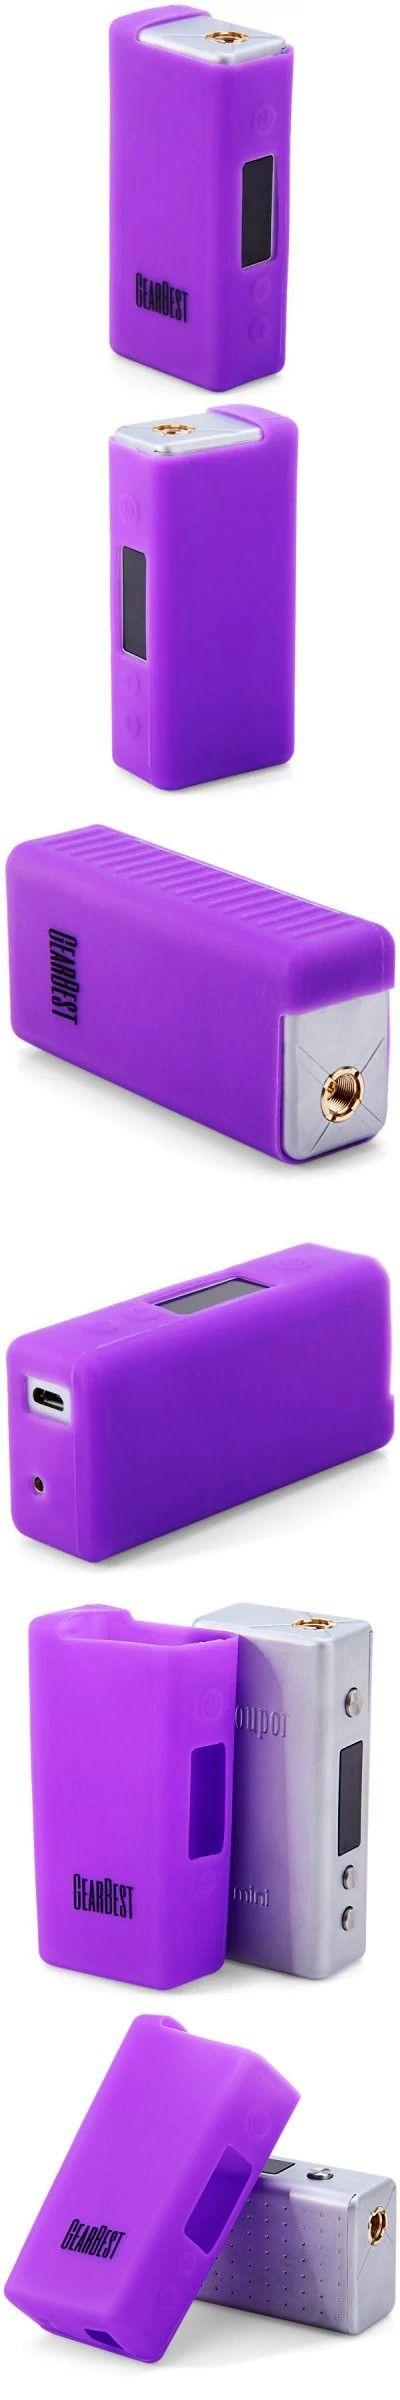 Silicone Protective Case for Cloupor Mini 30W Box Mod -$0.92